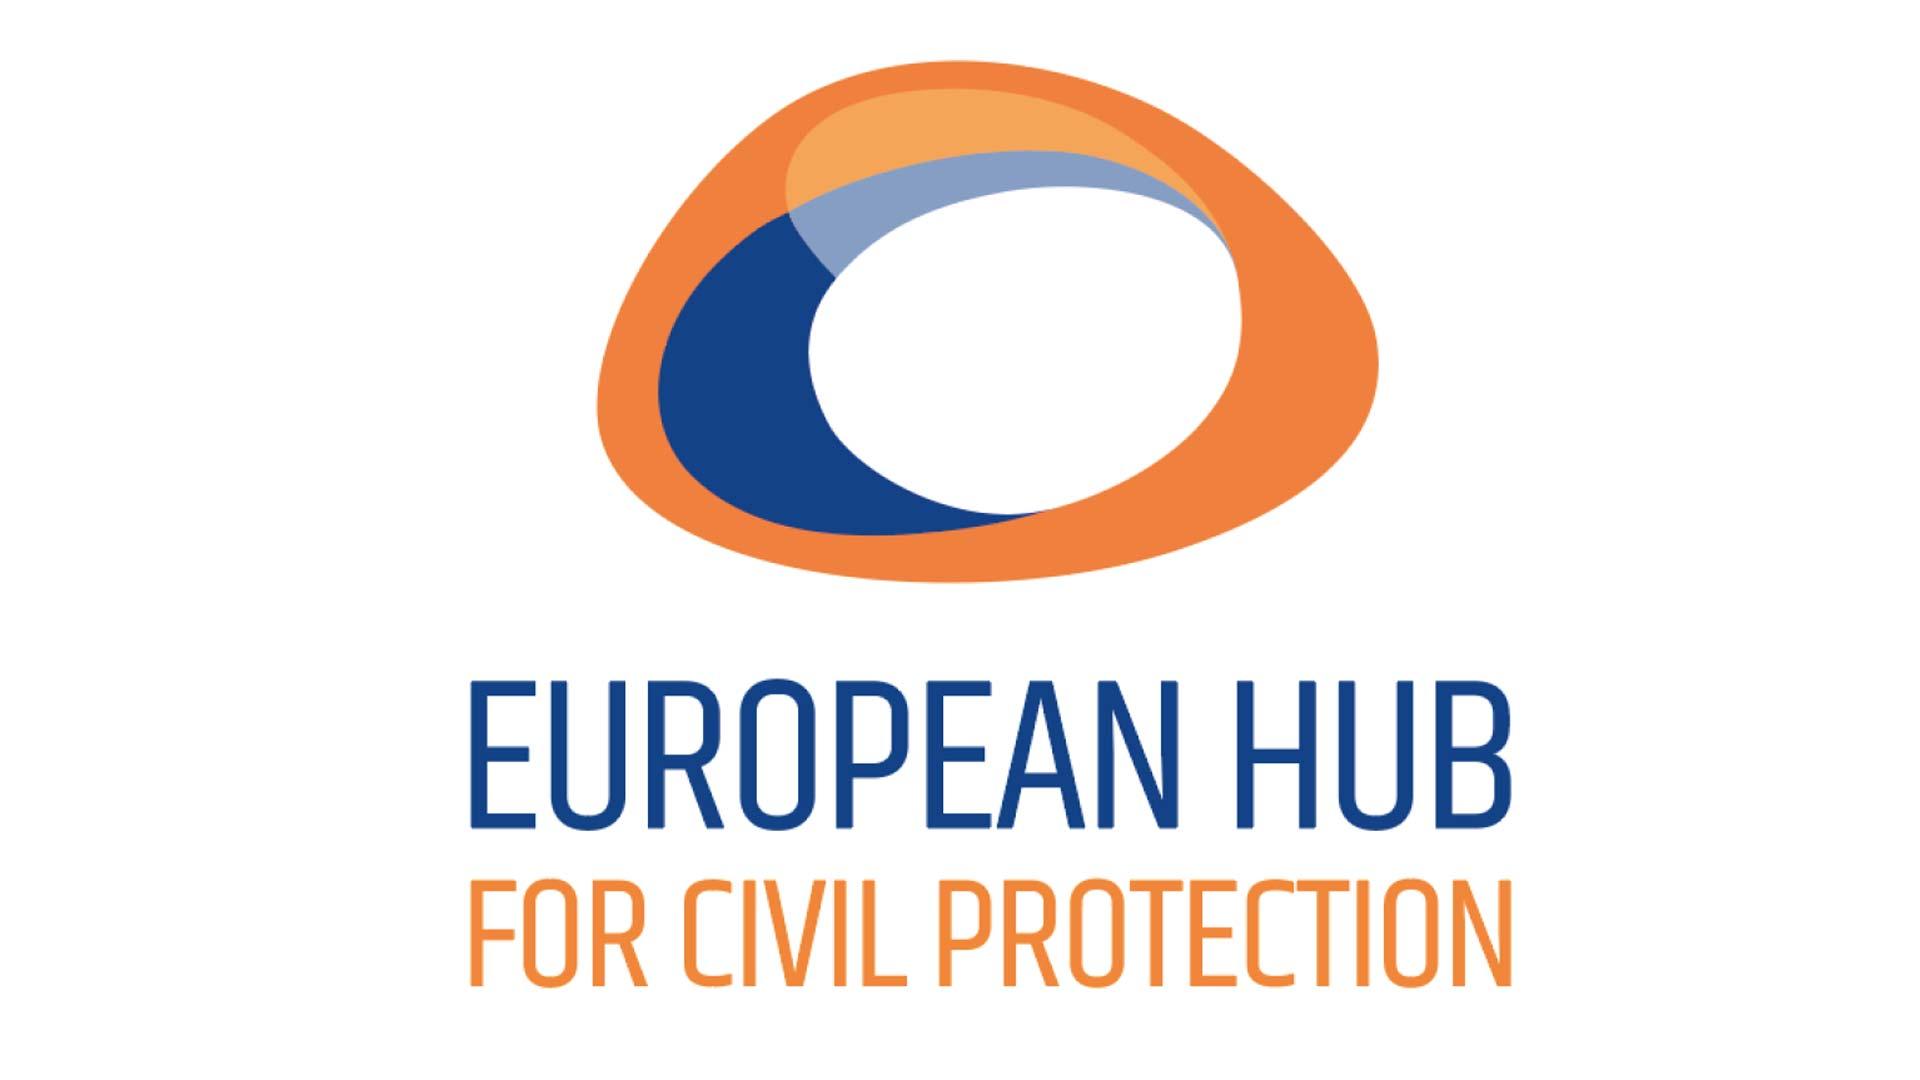 Hub Européen pour la protection civile et la gestion de crise